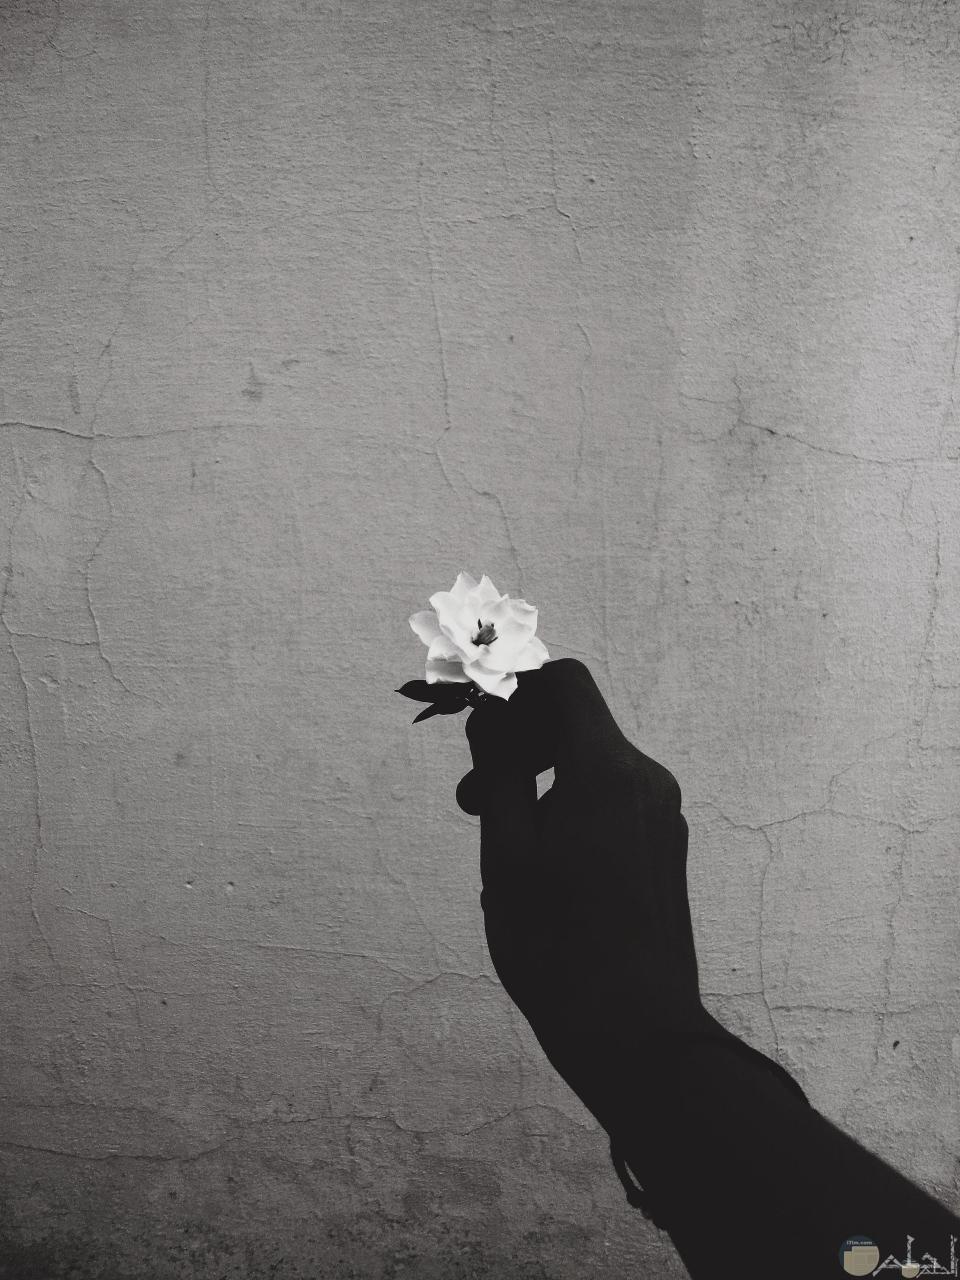 يد سوداء تمسك وردة بيضاء.